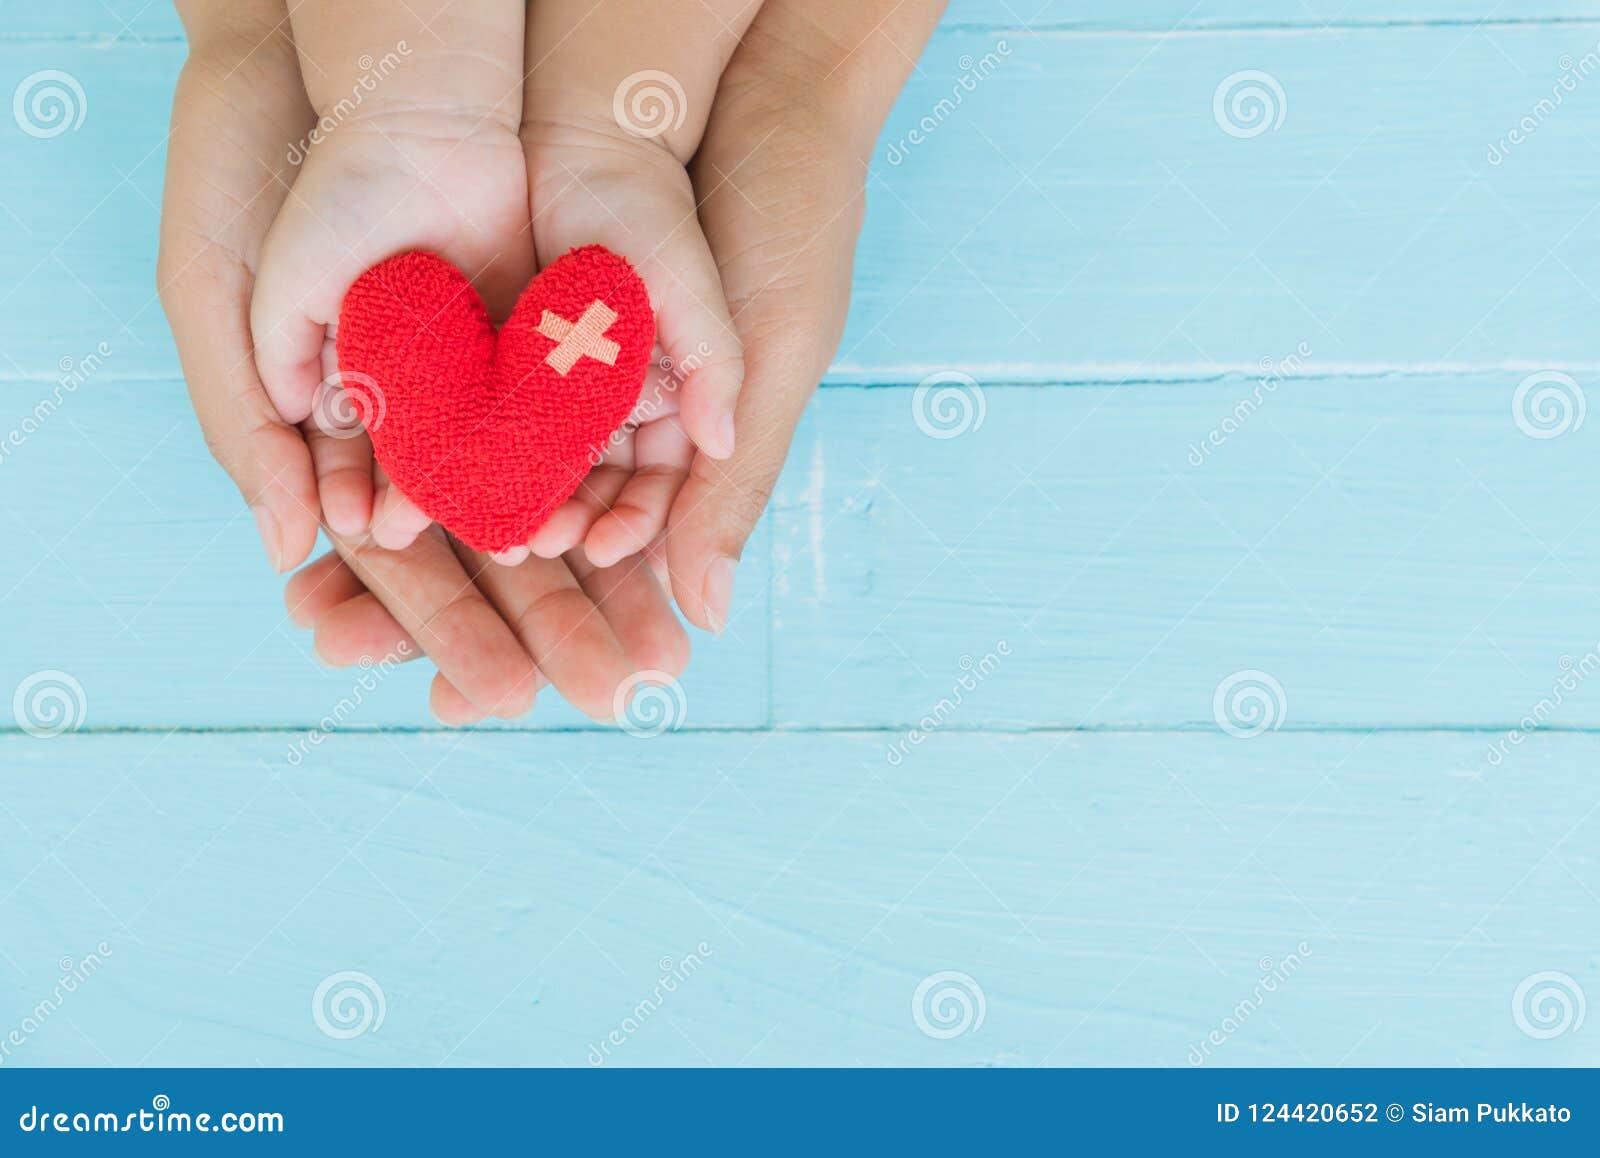 Odgórny widok dorosłego i dziecka mienia czerwony serce w rękach